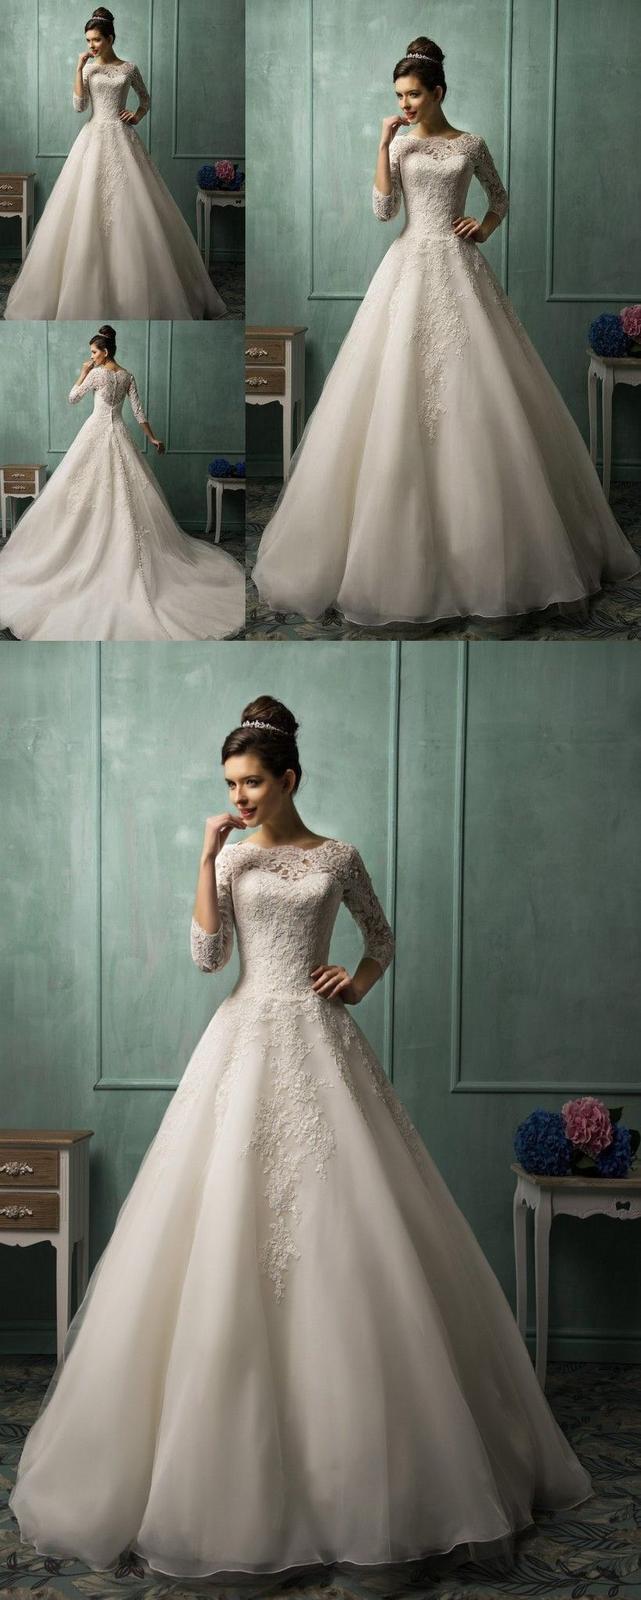 Nové svatební šaty vel. XS až S - Obrázek č. 2